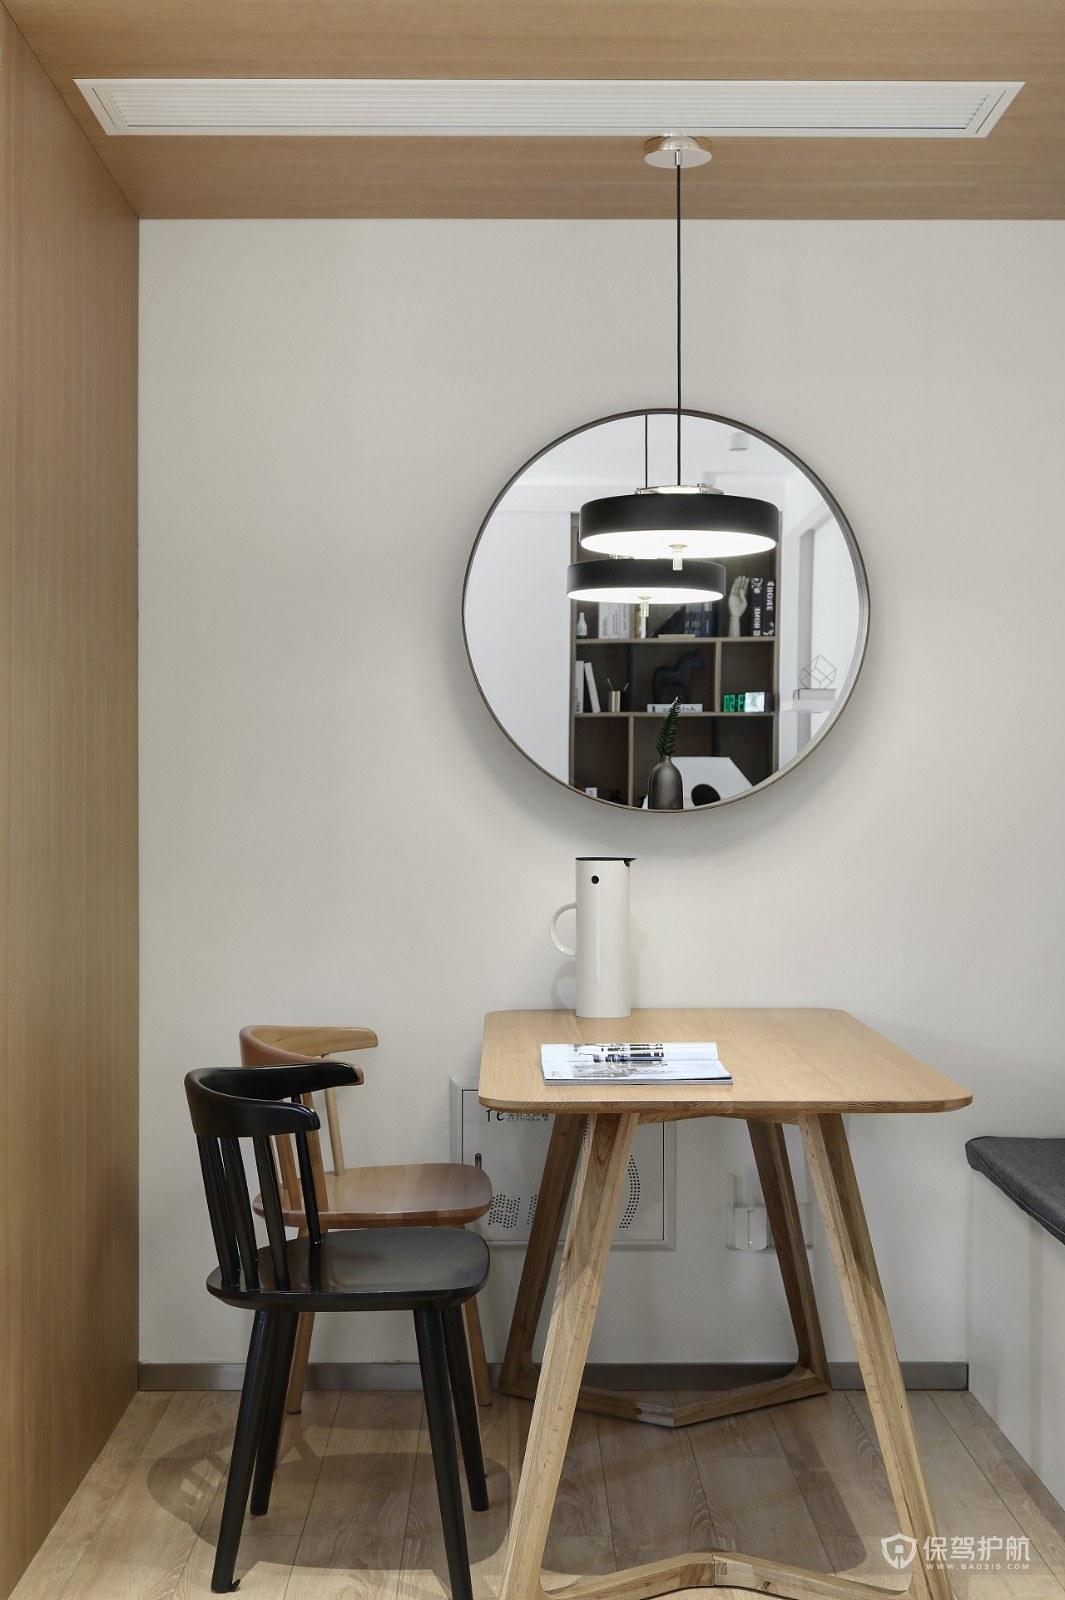 二居室简约原木风餐厅装修效果图